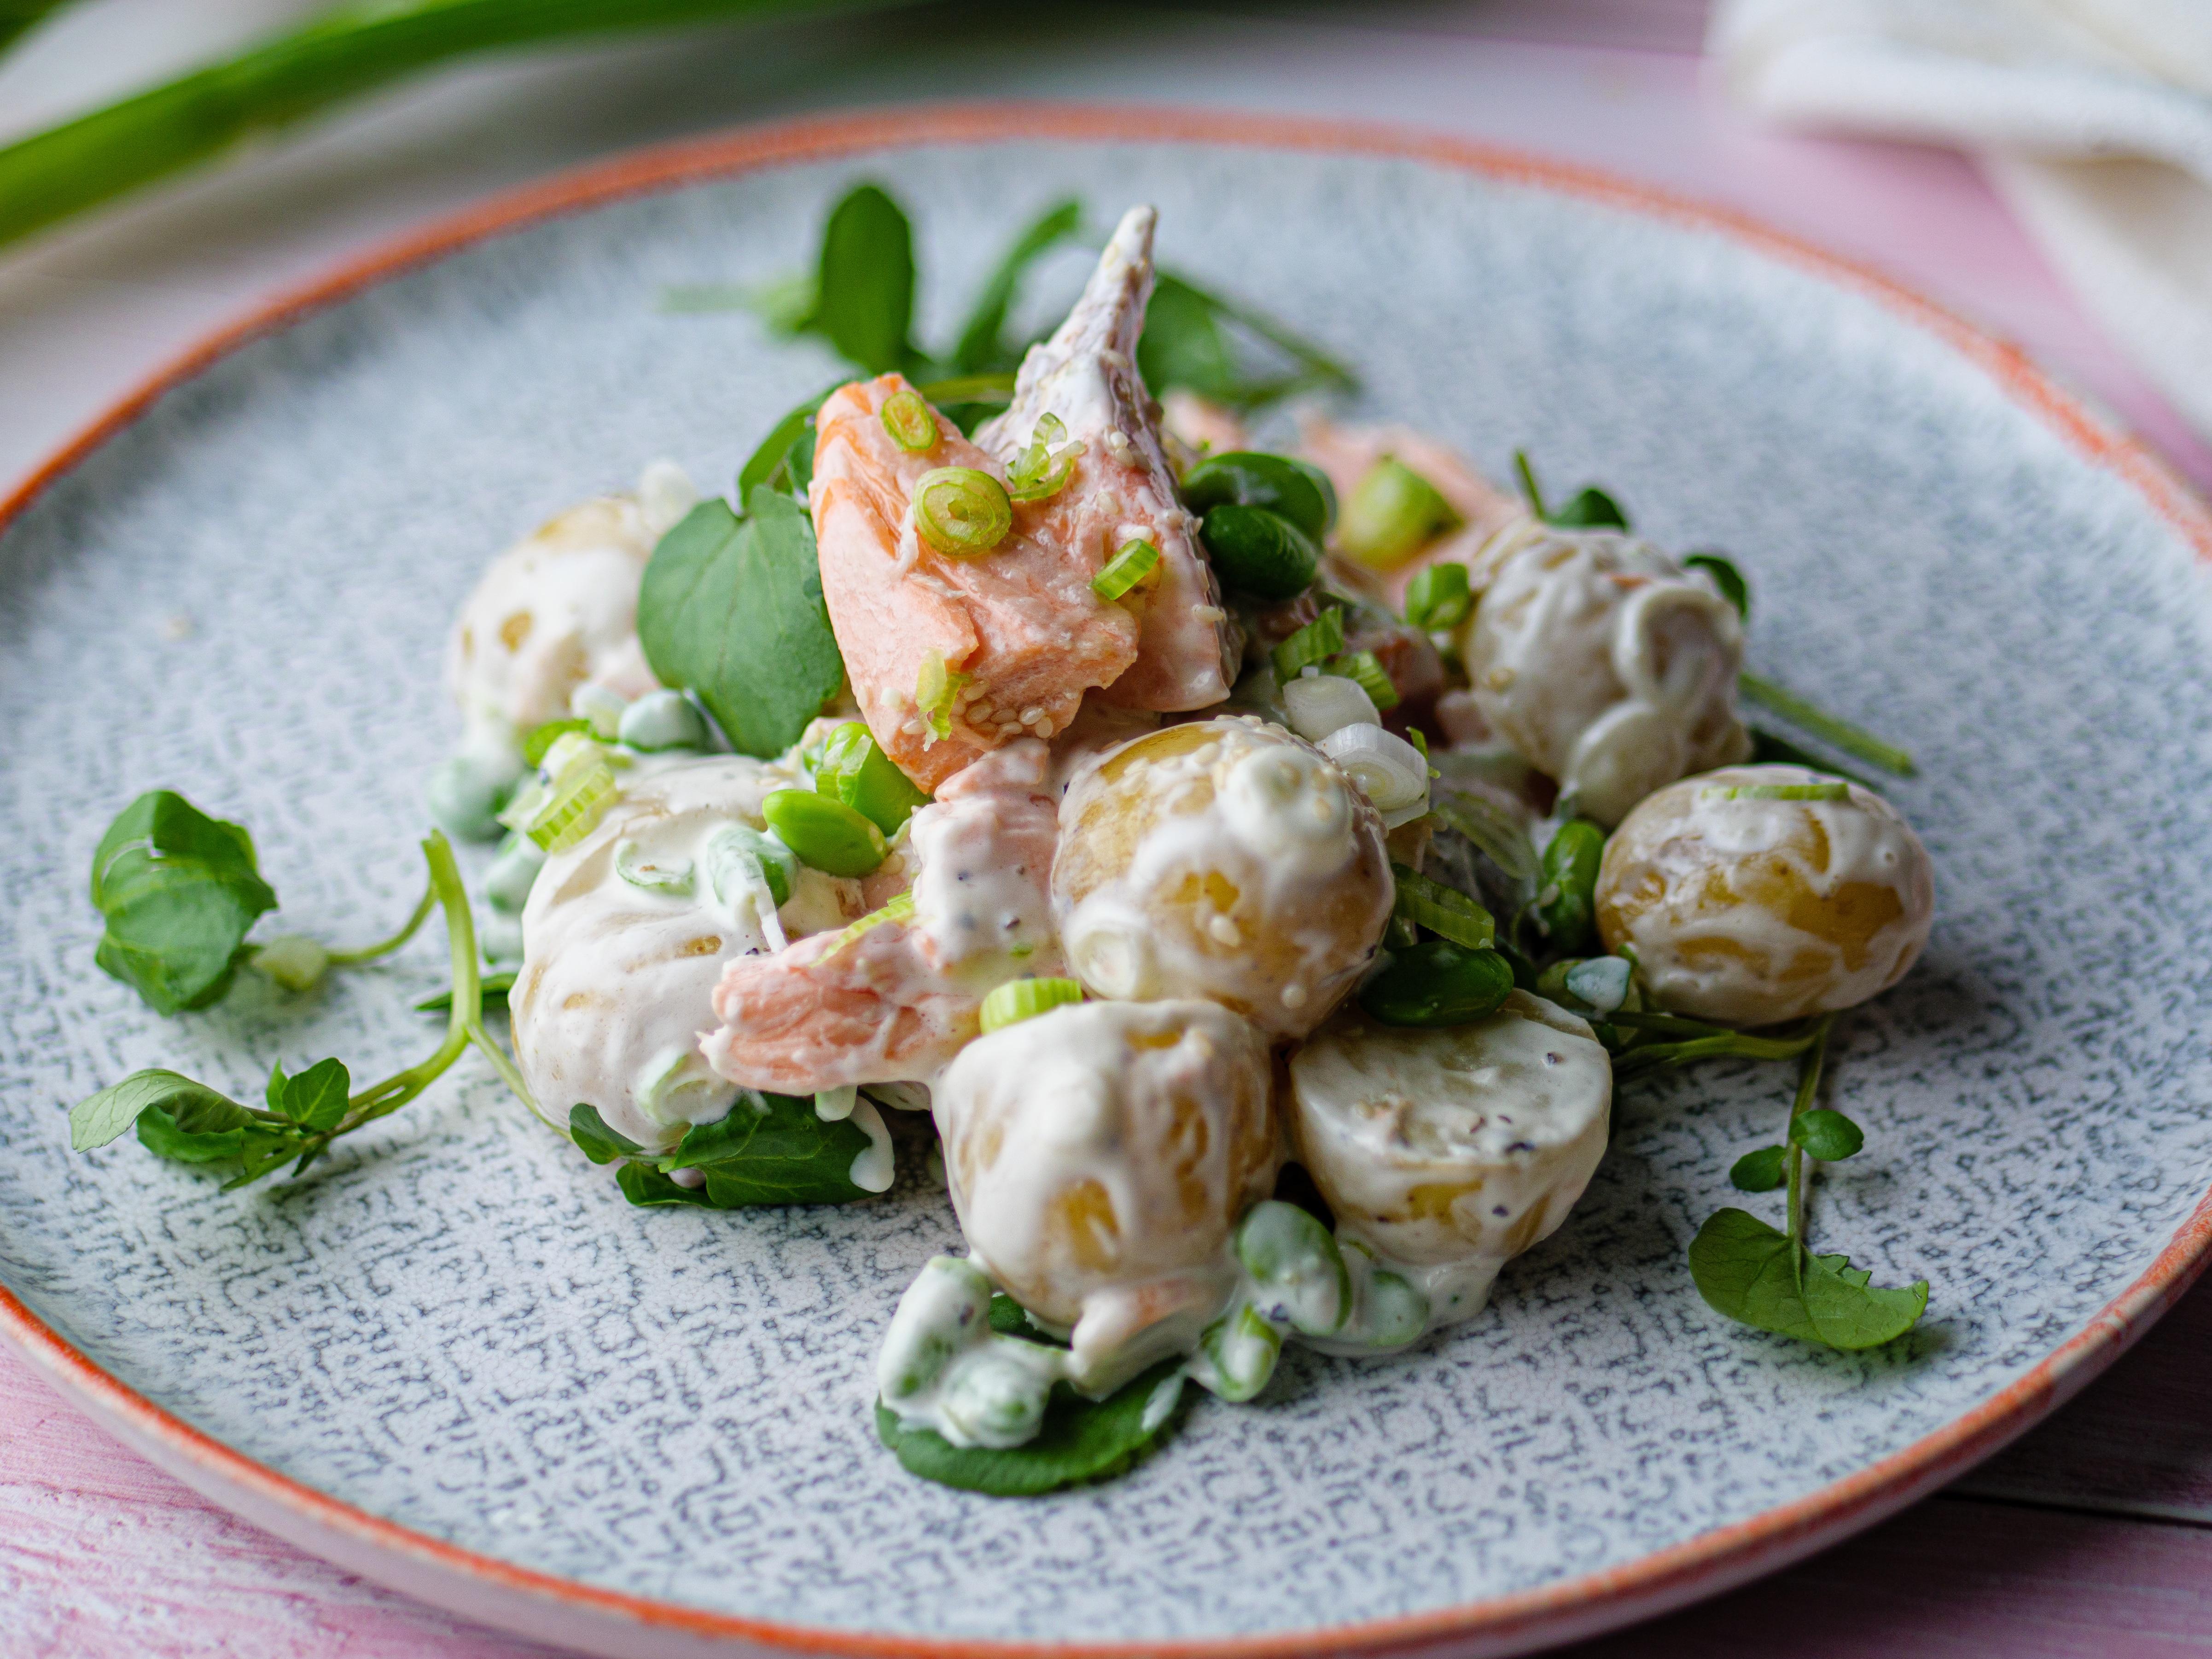 Poached Salmon and Potato Salad